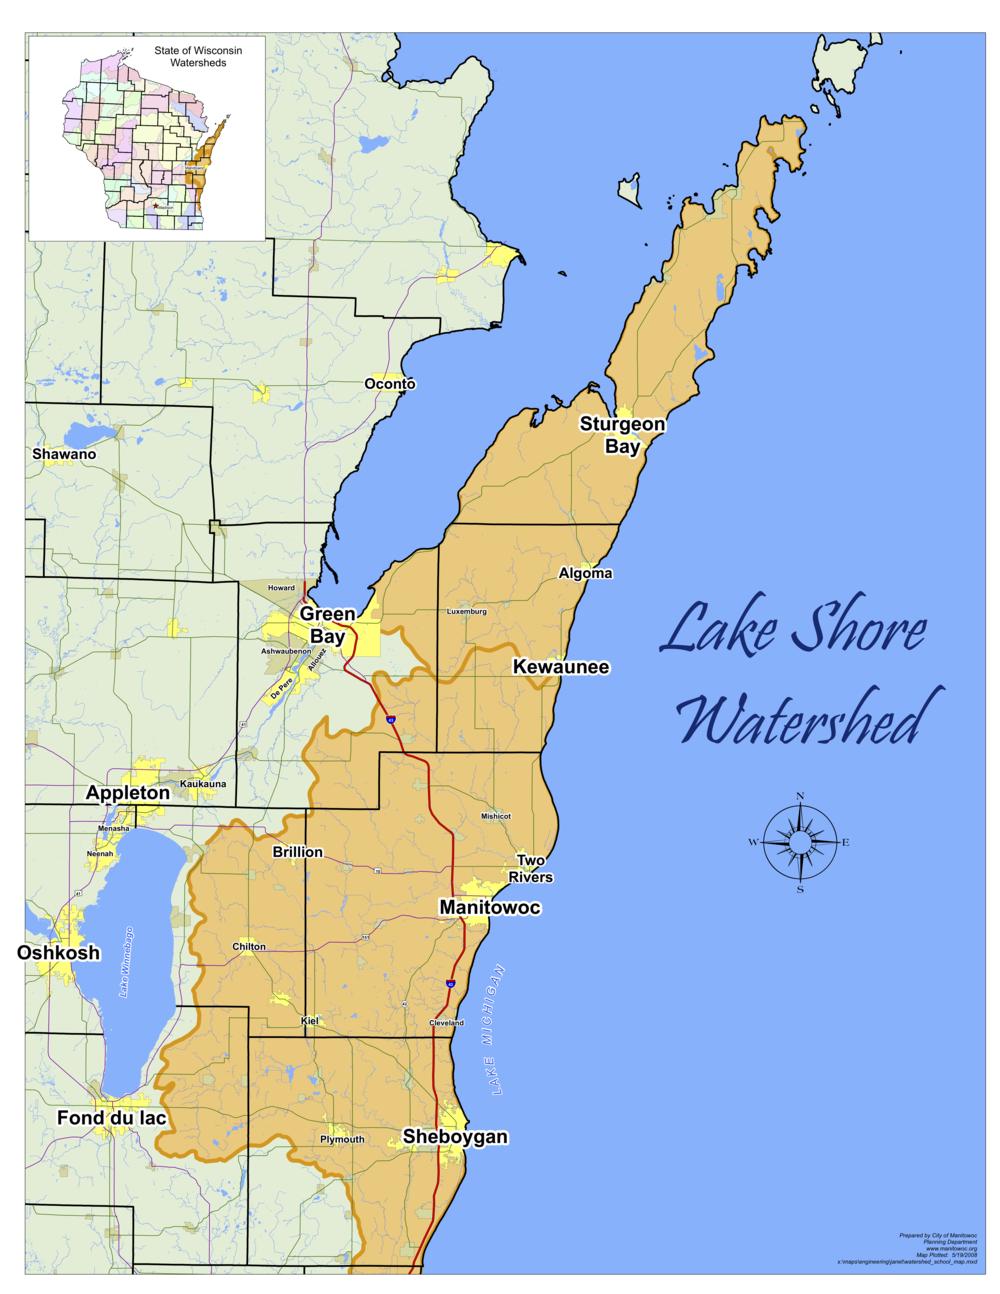 Lake Shore Watershed